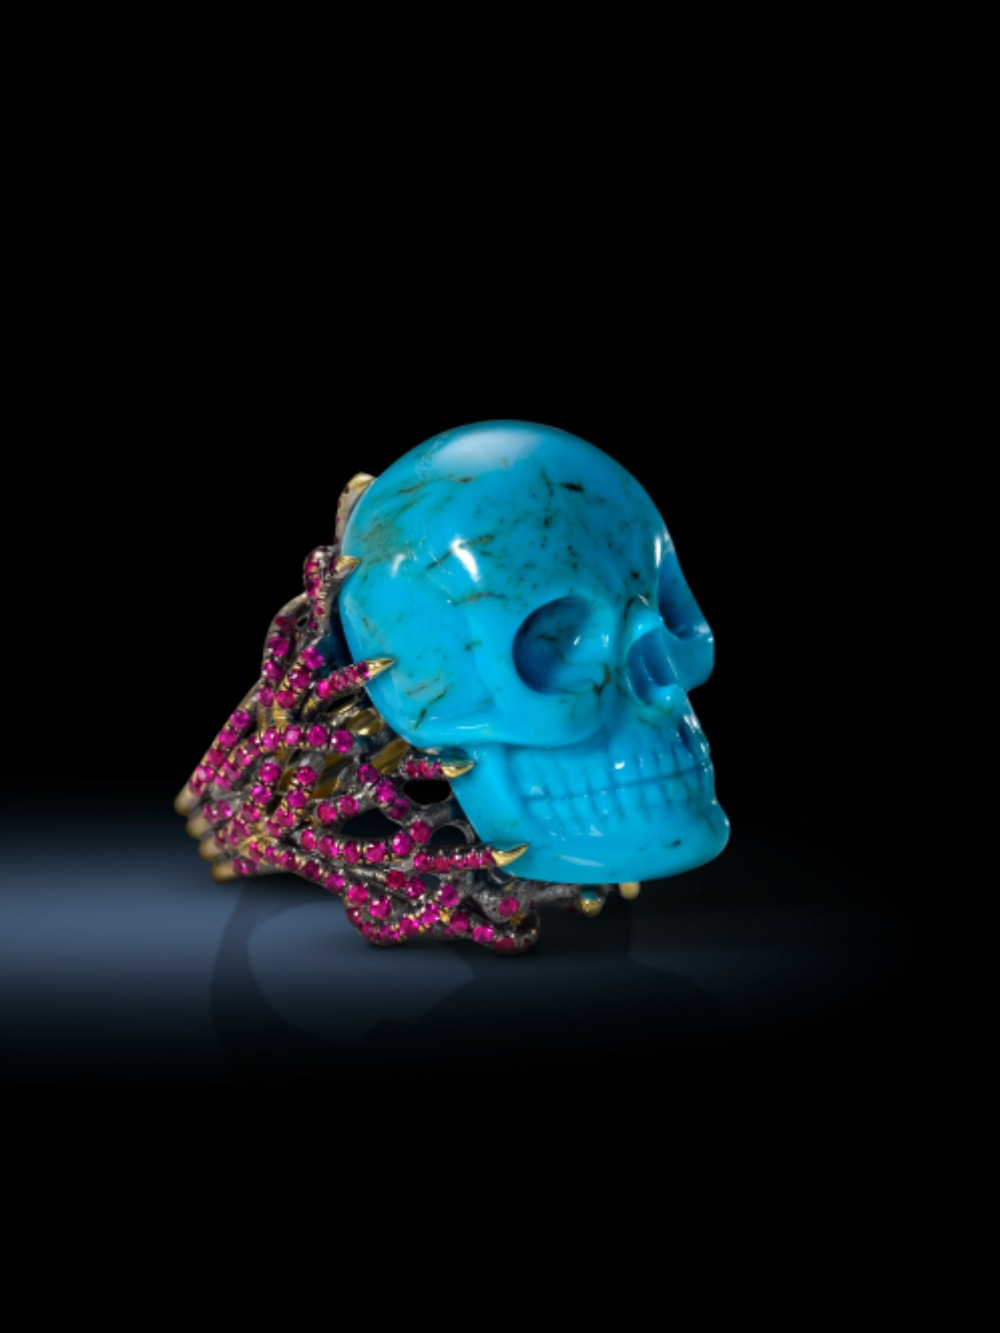 TurquoiseSkull Blackresize